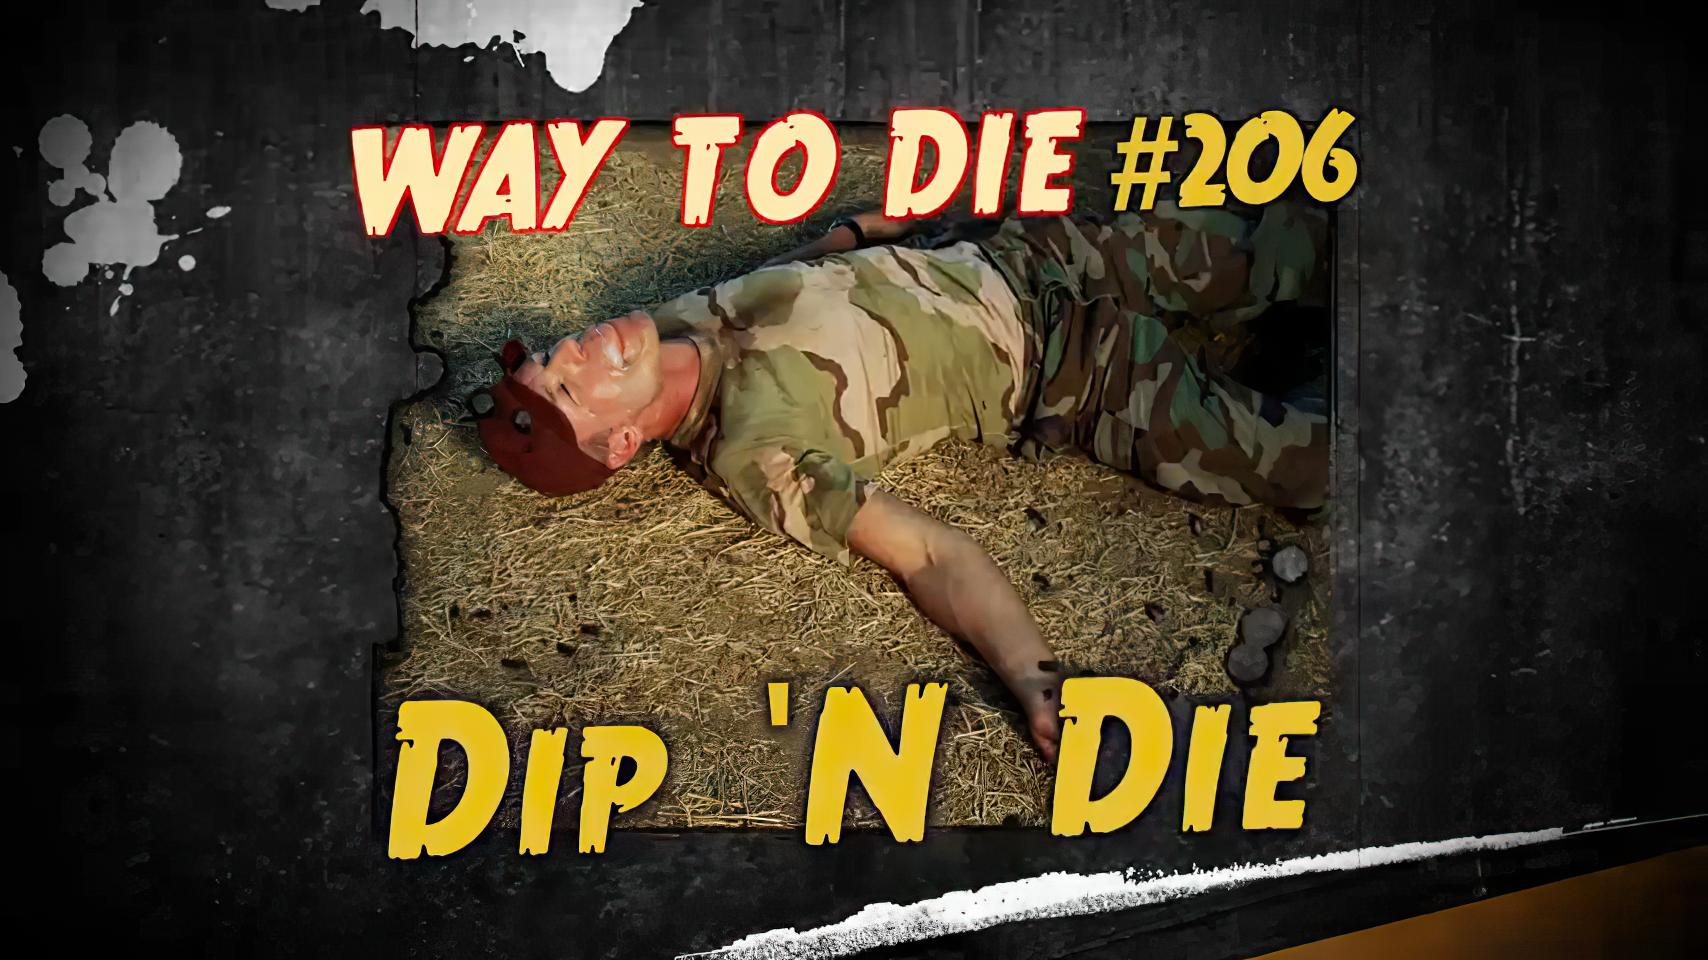 Dip 'N Die